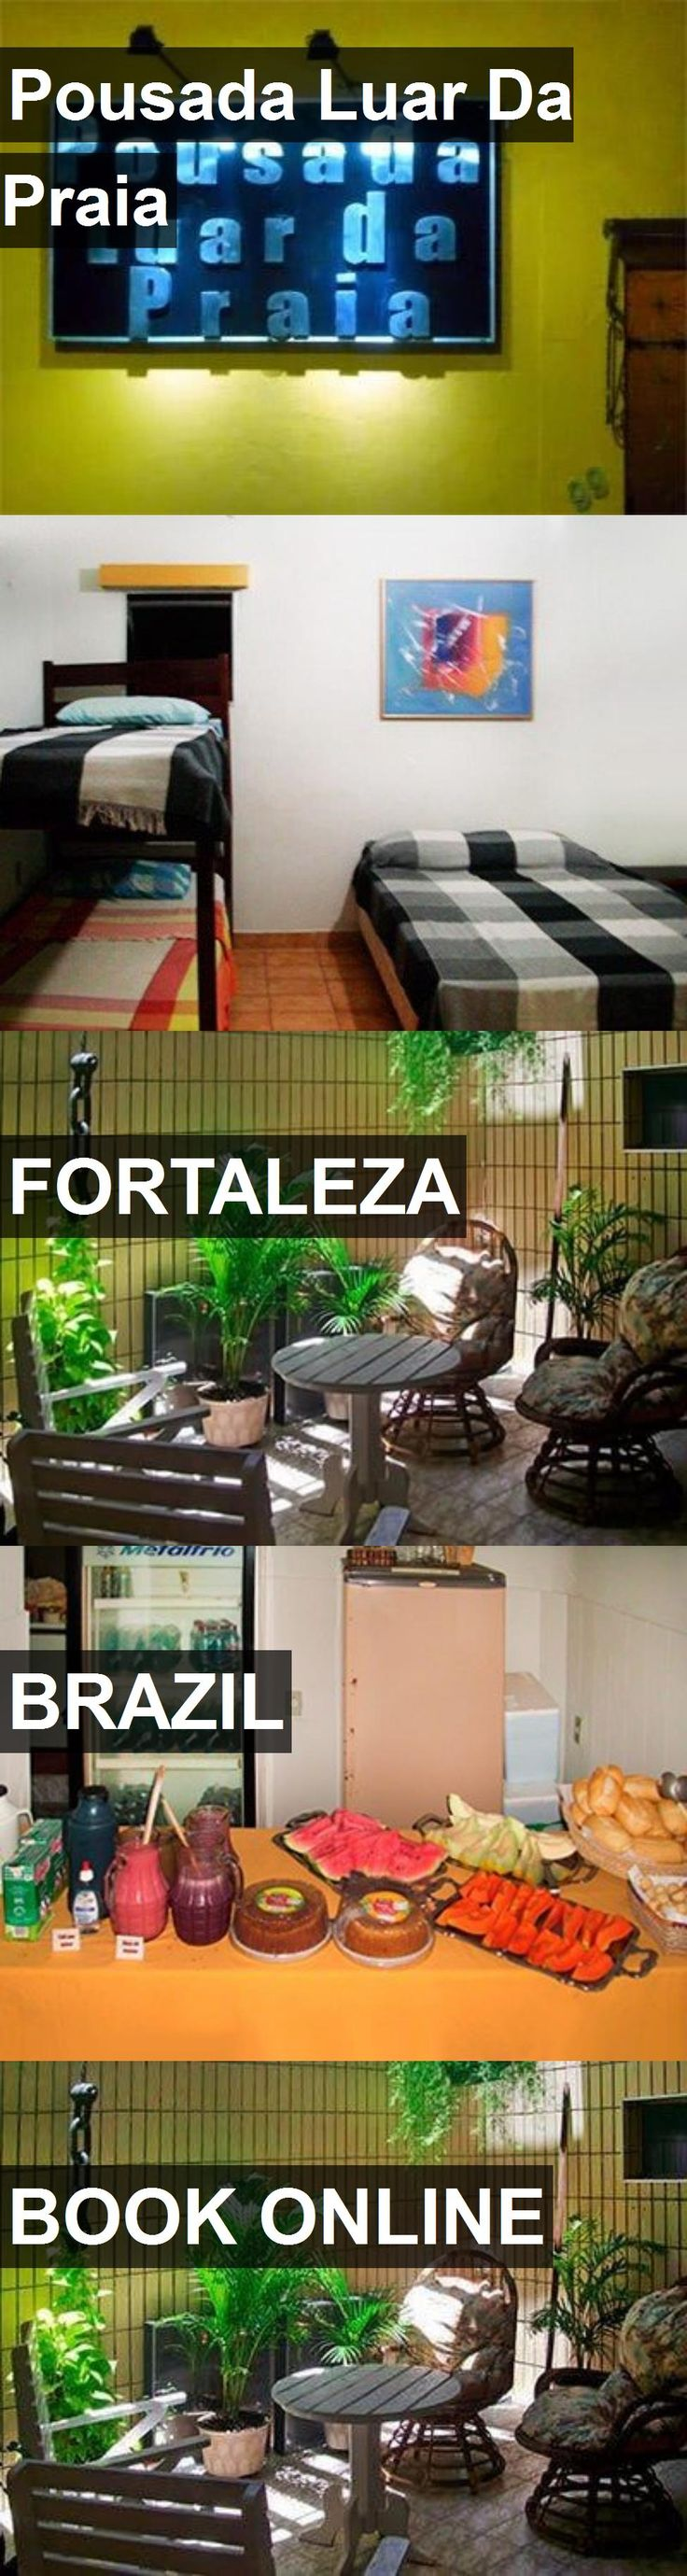 Hotel Pousada Luar Da Praia in Fortaleza, Brazil. For more information, photos, reviews and best prices please follow the link. #Brazil #Fortaleza #PousadaLuarDaPraia #hotel #travel #vacation